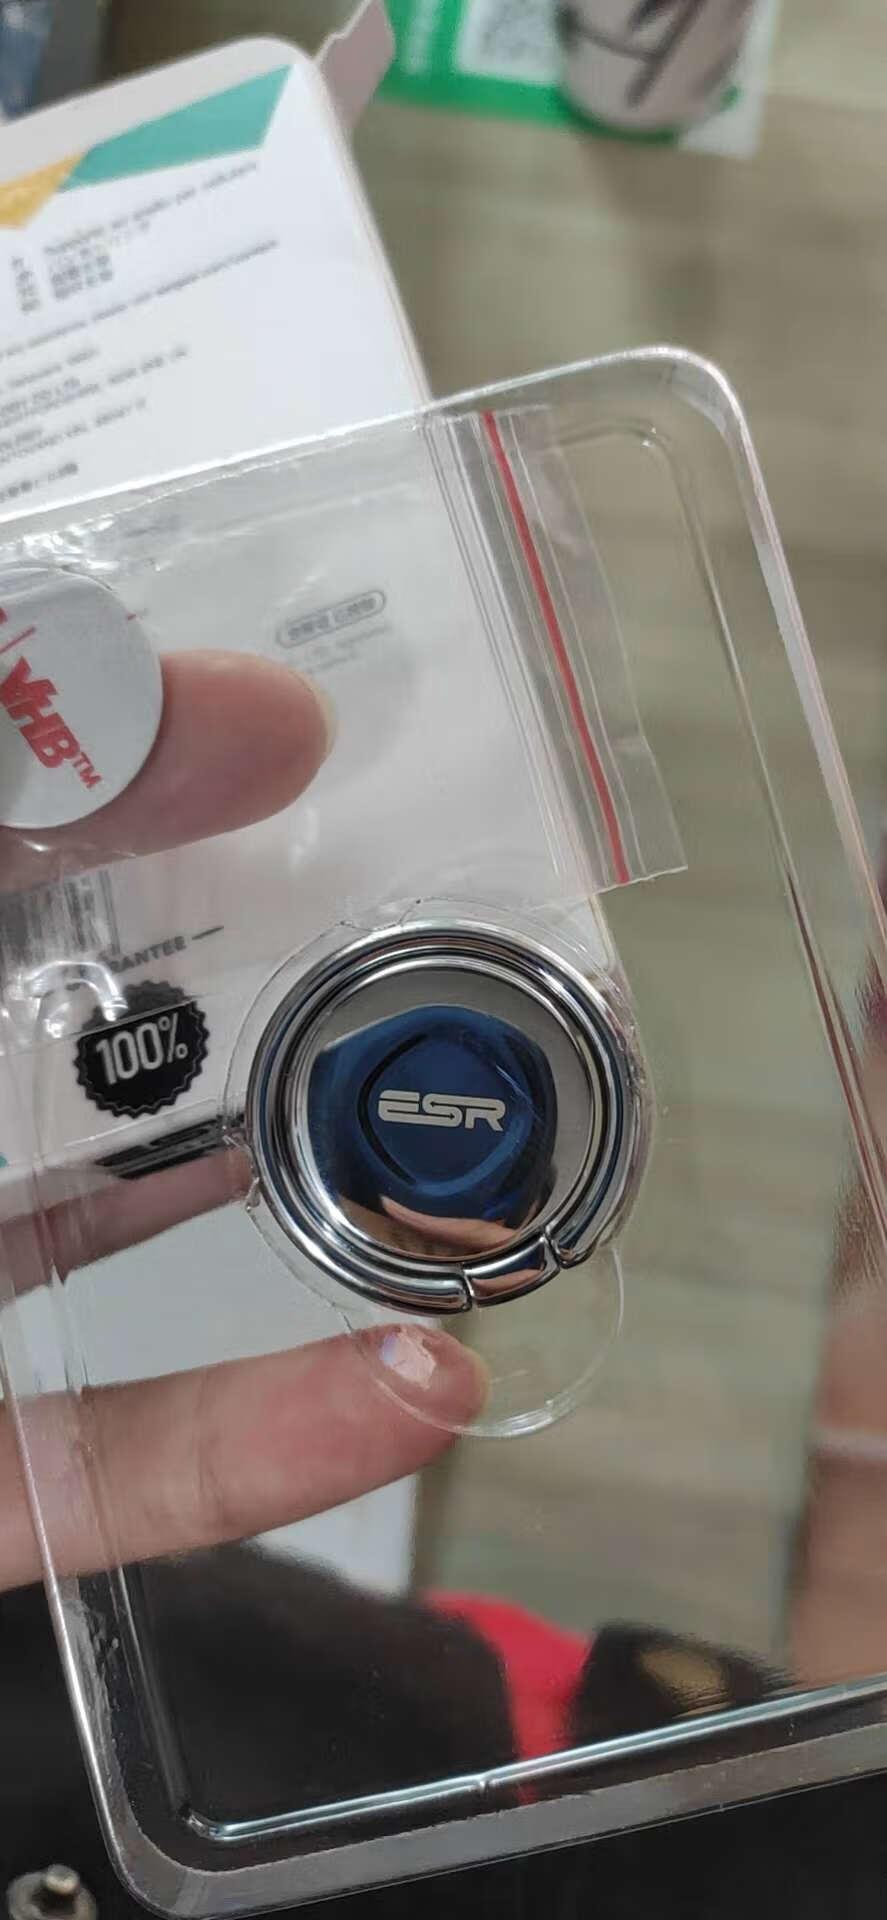 亿色(ESR)手机指环扣支架桌面支撑后背超薄手环扣拉环扣懒人指环可搭配车载磁吸支架华为苹果小米通用-银